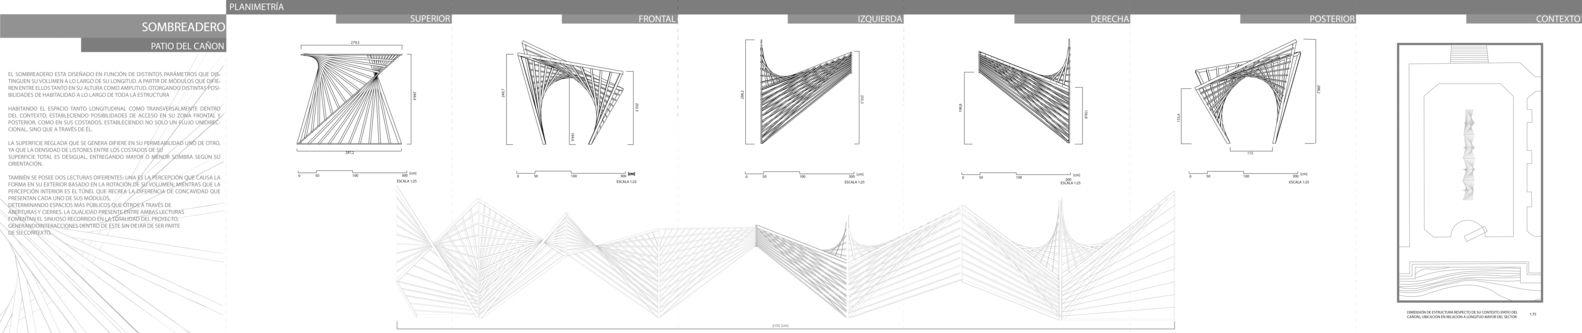 Galería de Experiencia de construcción en madera en Valparaíso: estructuras estables de doble curvatura a partir de la línea recta - 26